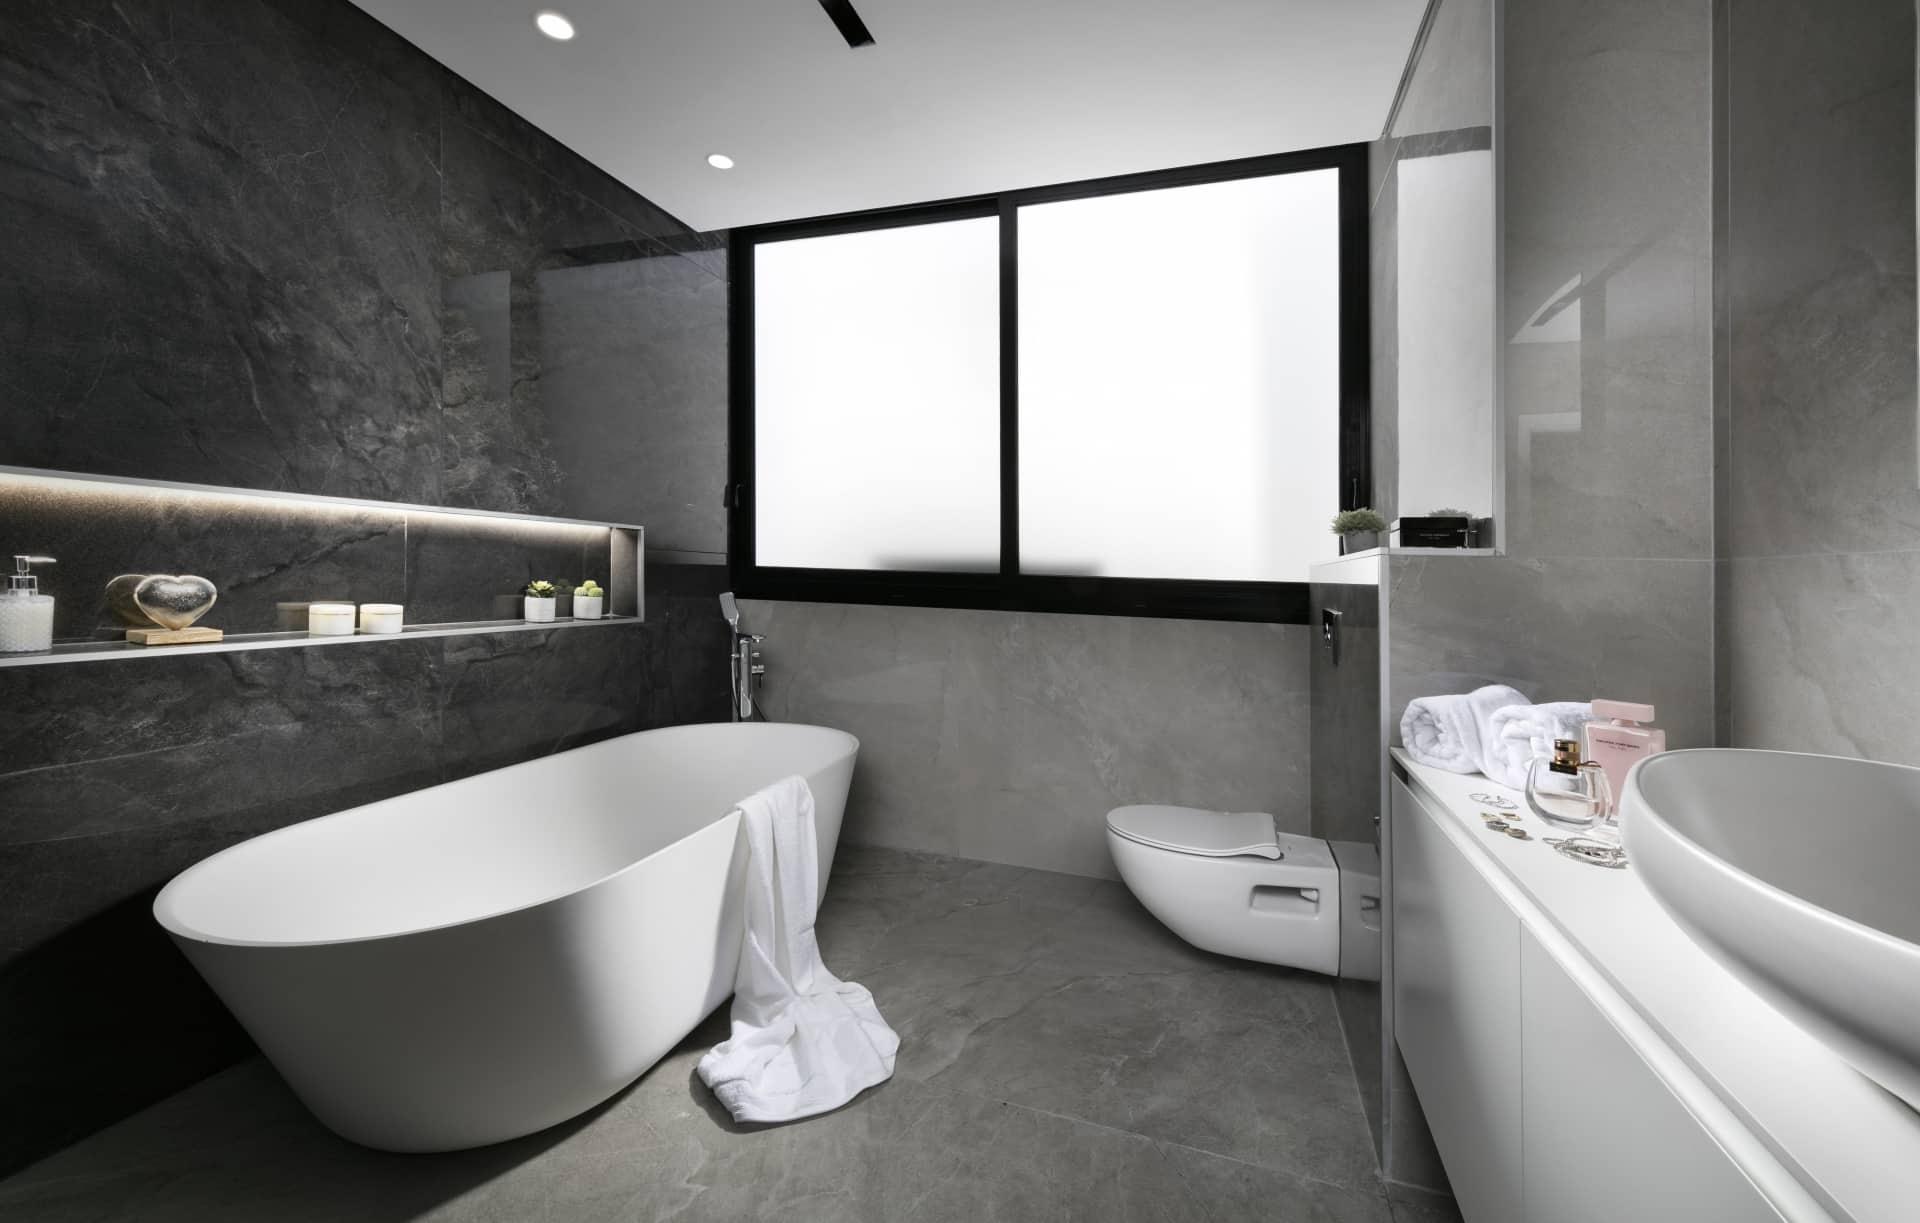 ריצוף שיש לחדרי אמבטיה מעוצבים